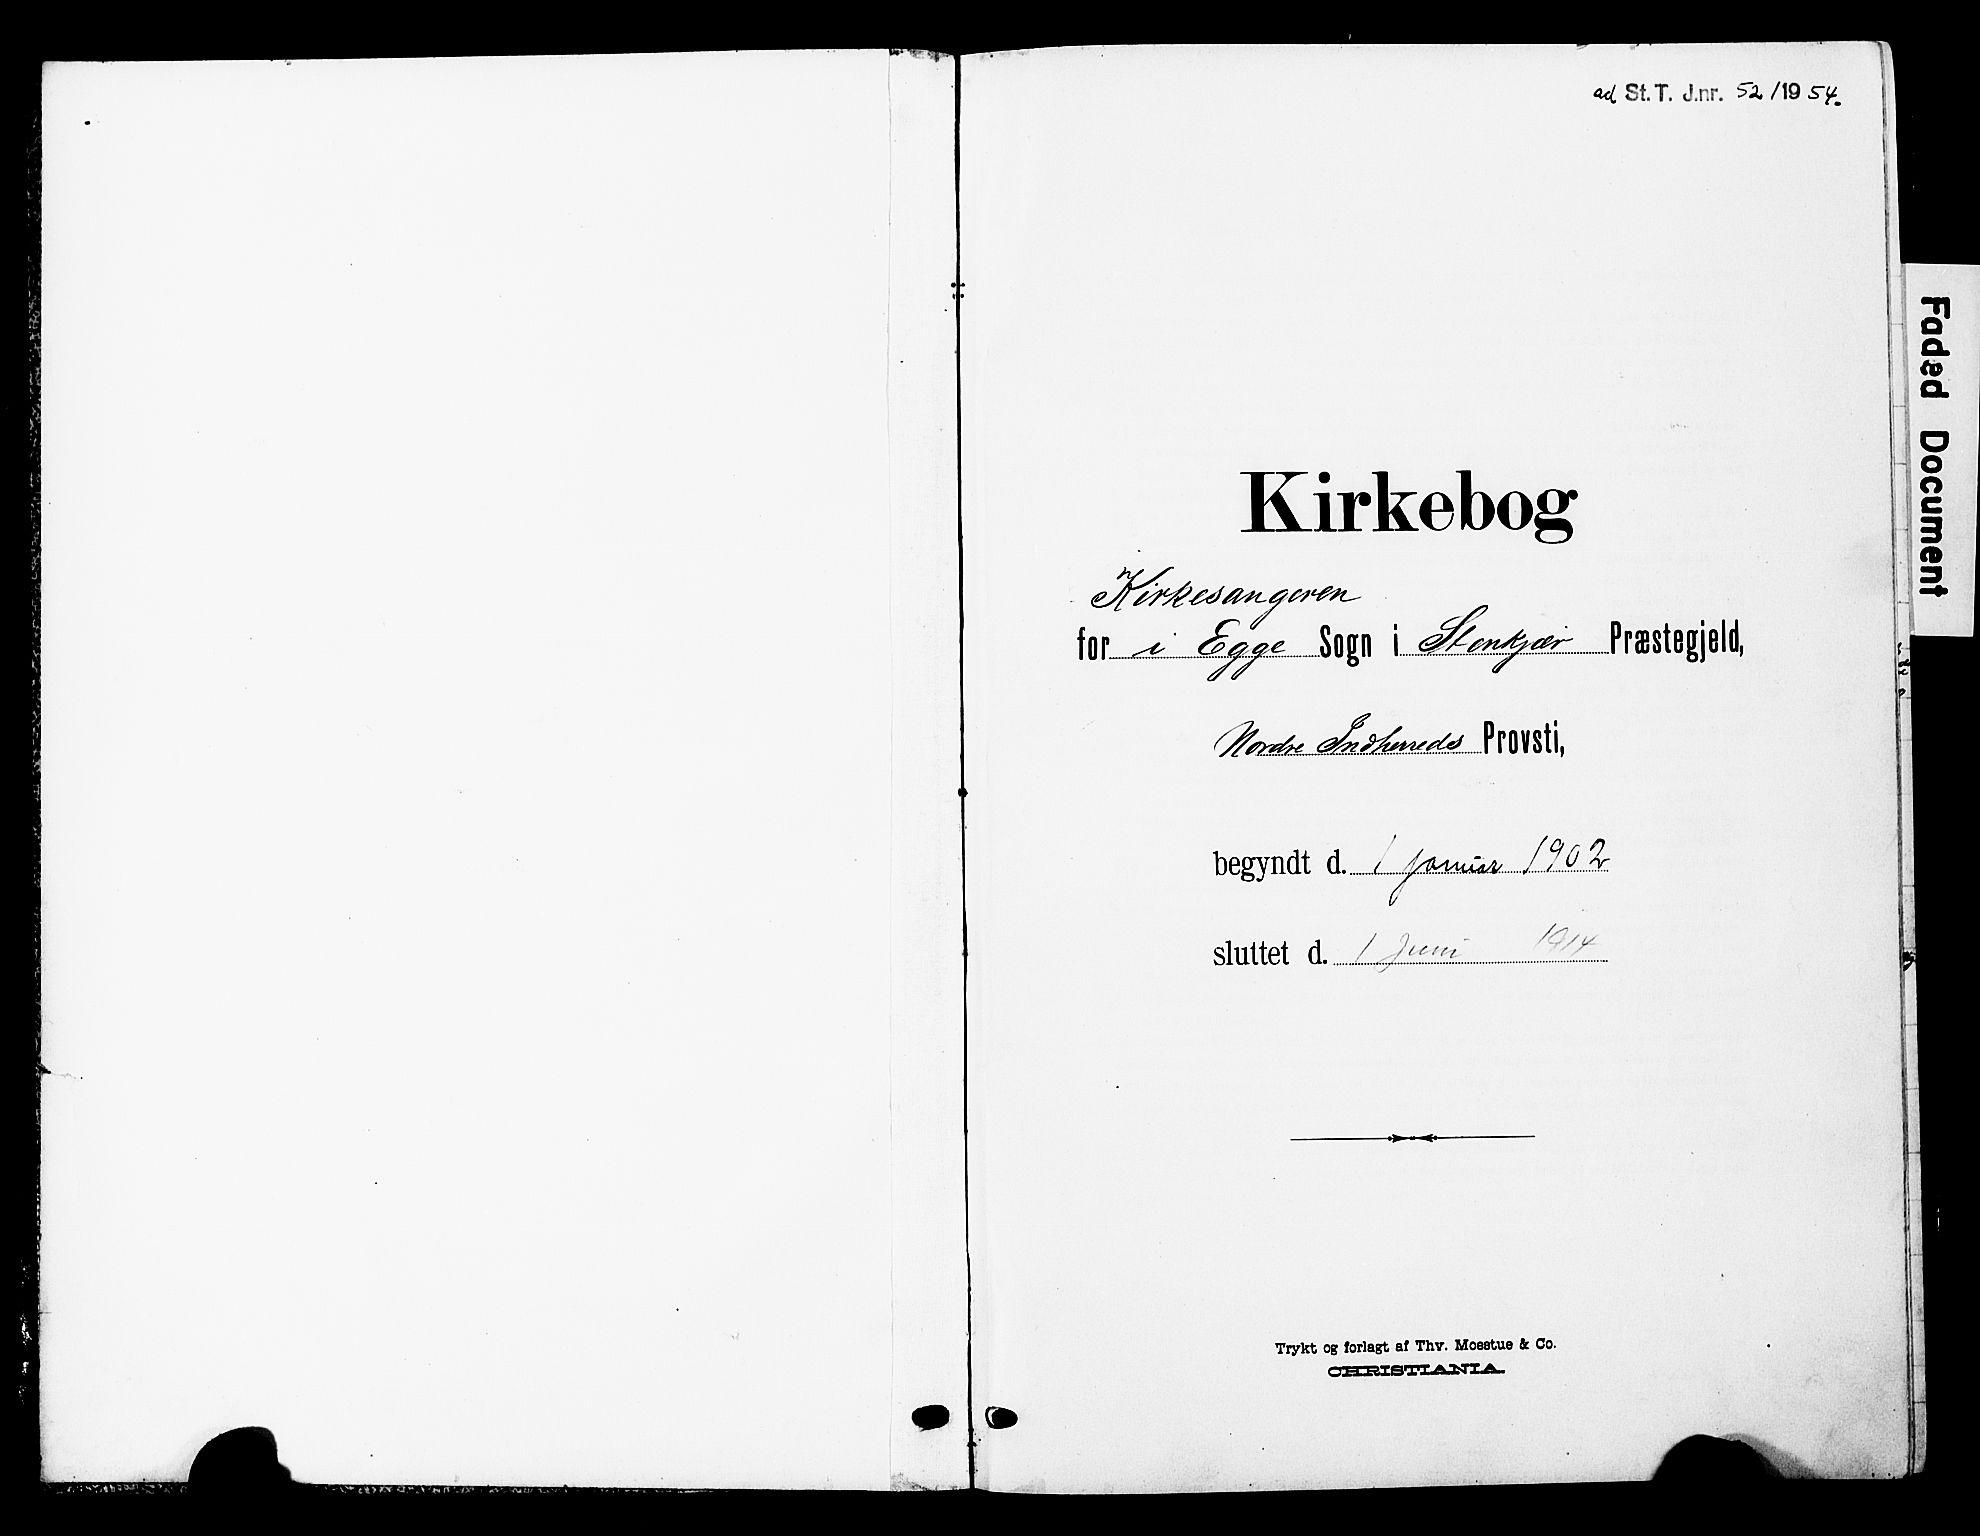 SAT, Ministerialprotokoller, klokkerbøker og fødselsregistre - Nord-Trøndelag, 740/L0381: Klokkerbok nr. 740C02, 1903-1914